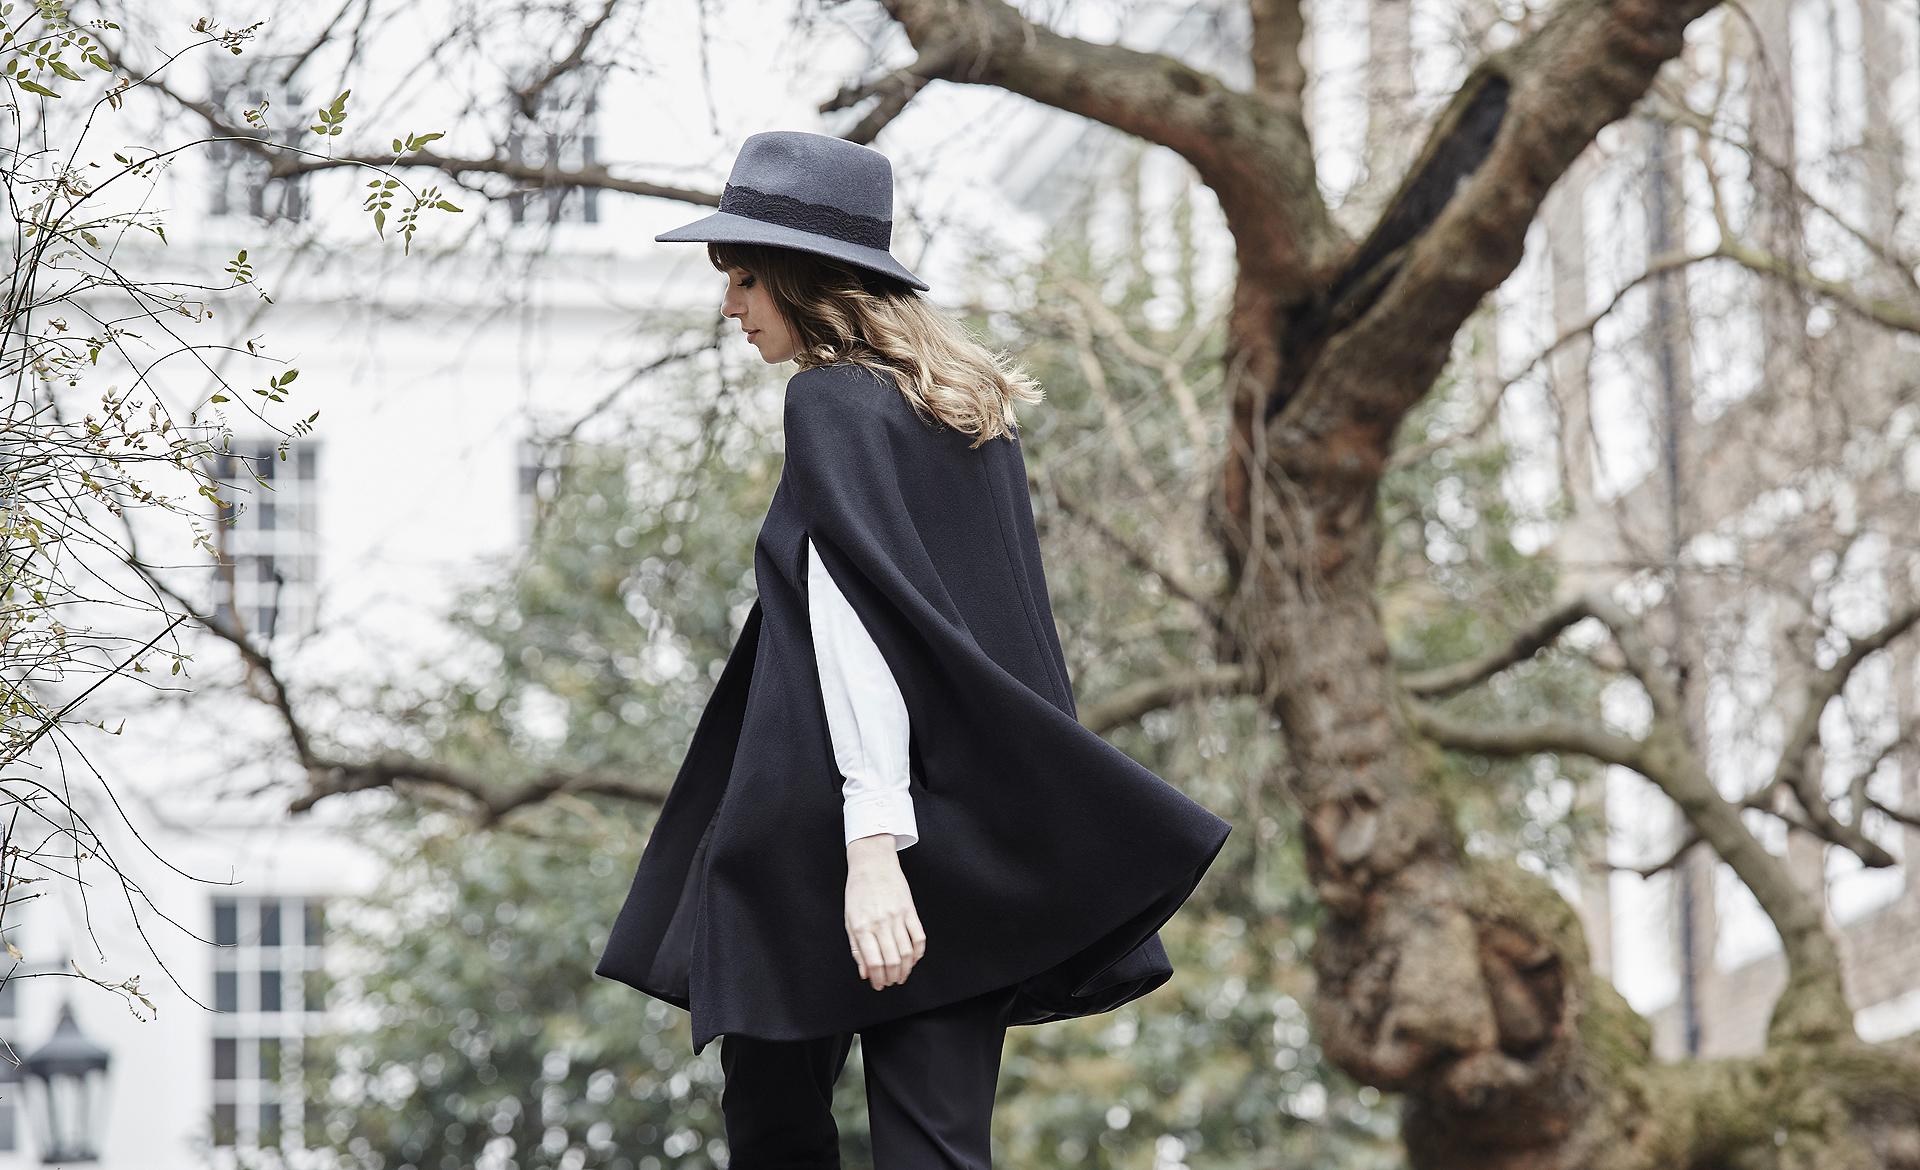 Penmayne of London Women's Hats